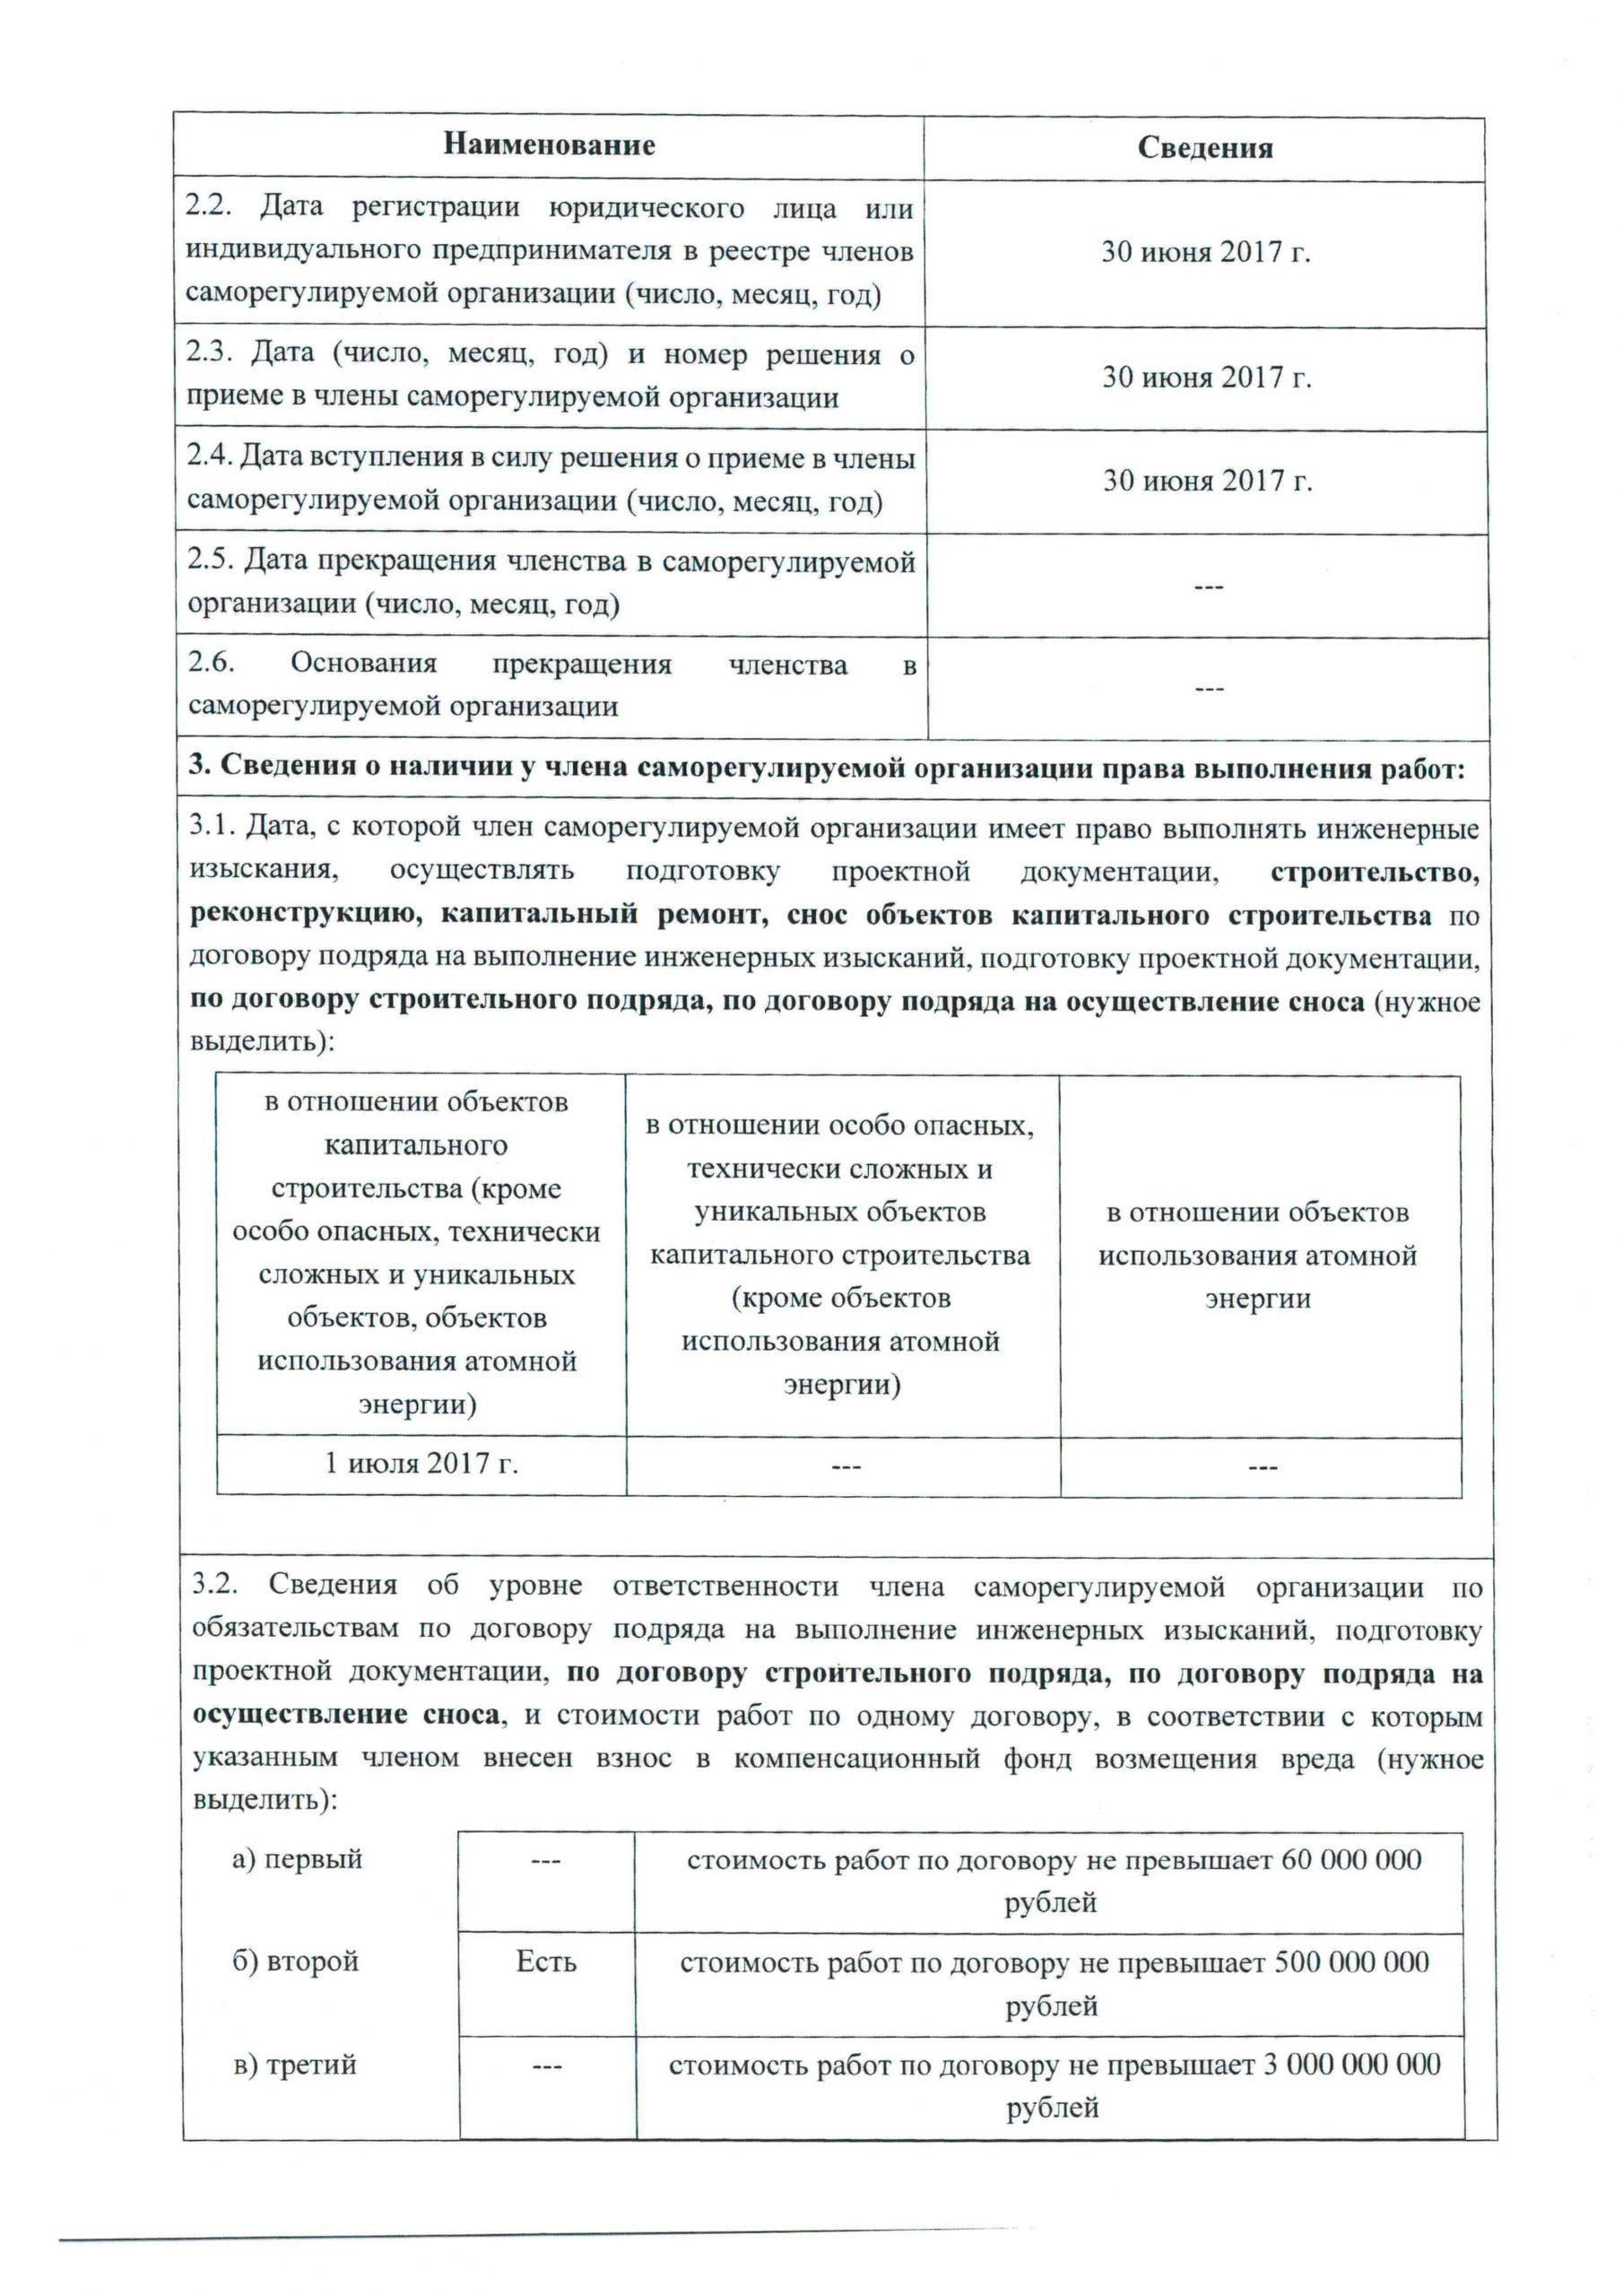 Выписка СРО от 13.04.2020_Страница_2